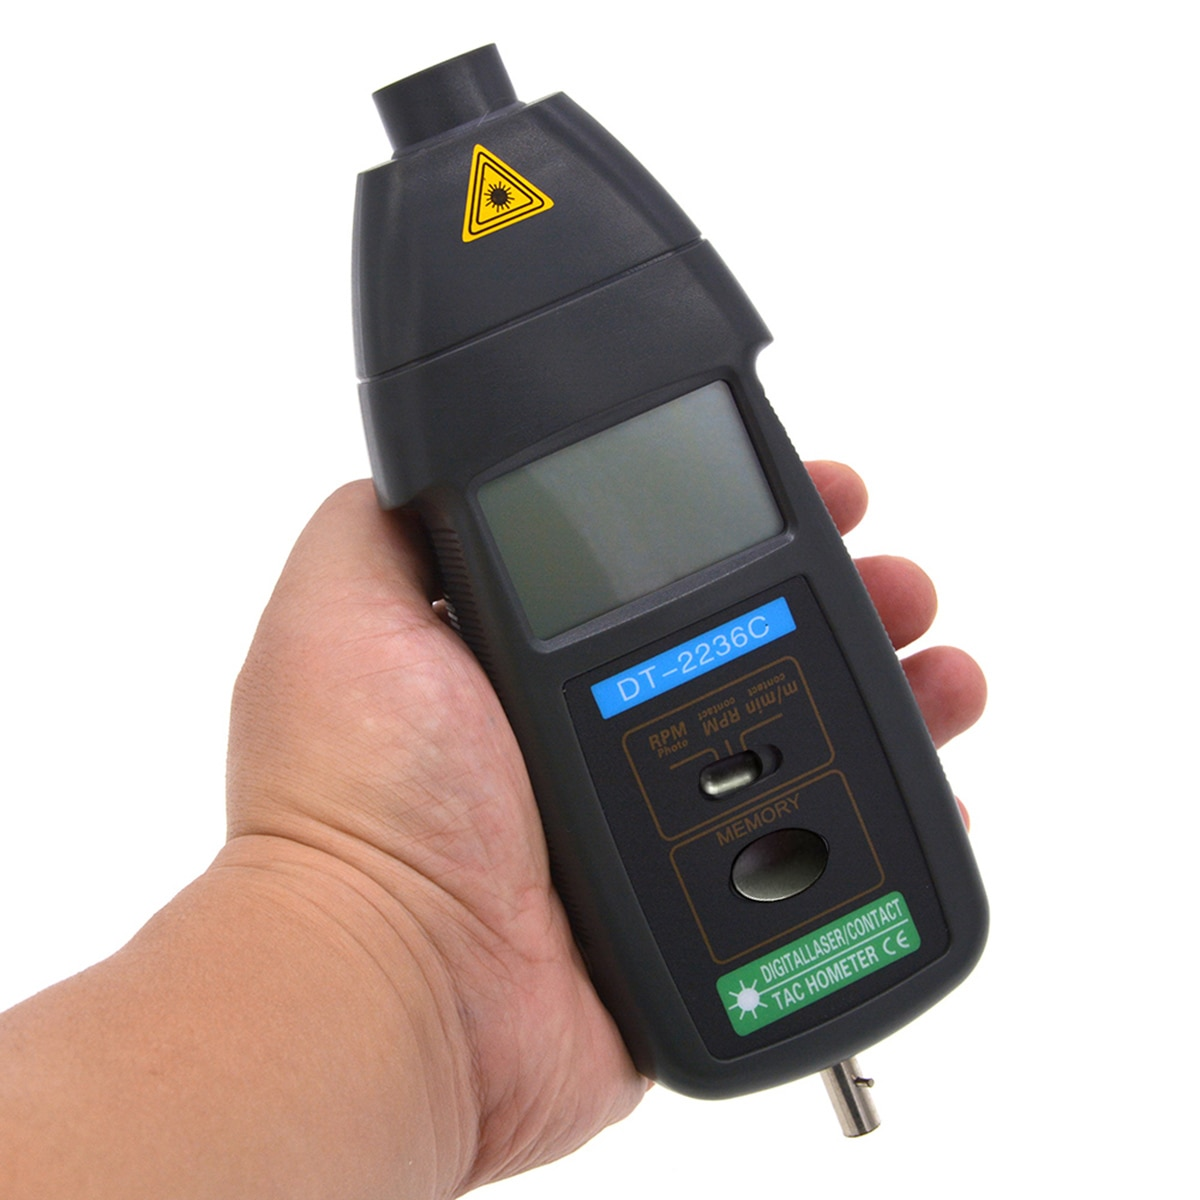 DT2236C أداة لمس رقمية ، مقياس سرعة الدوران اليدوي ، كاشف سرعة RPM